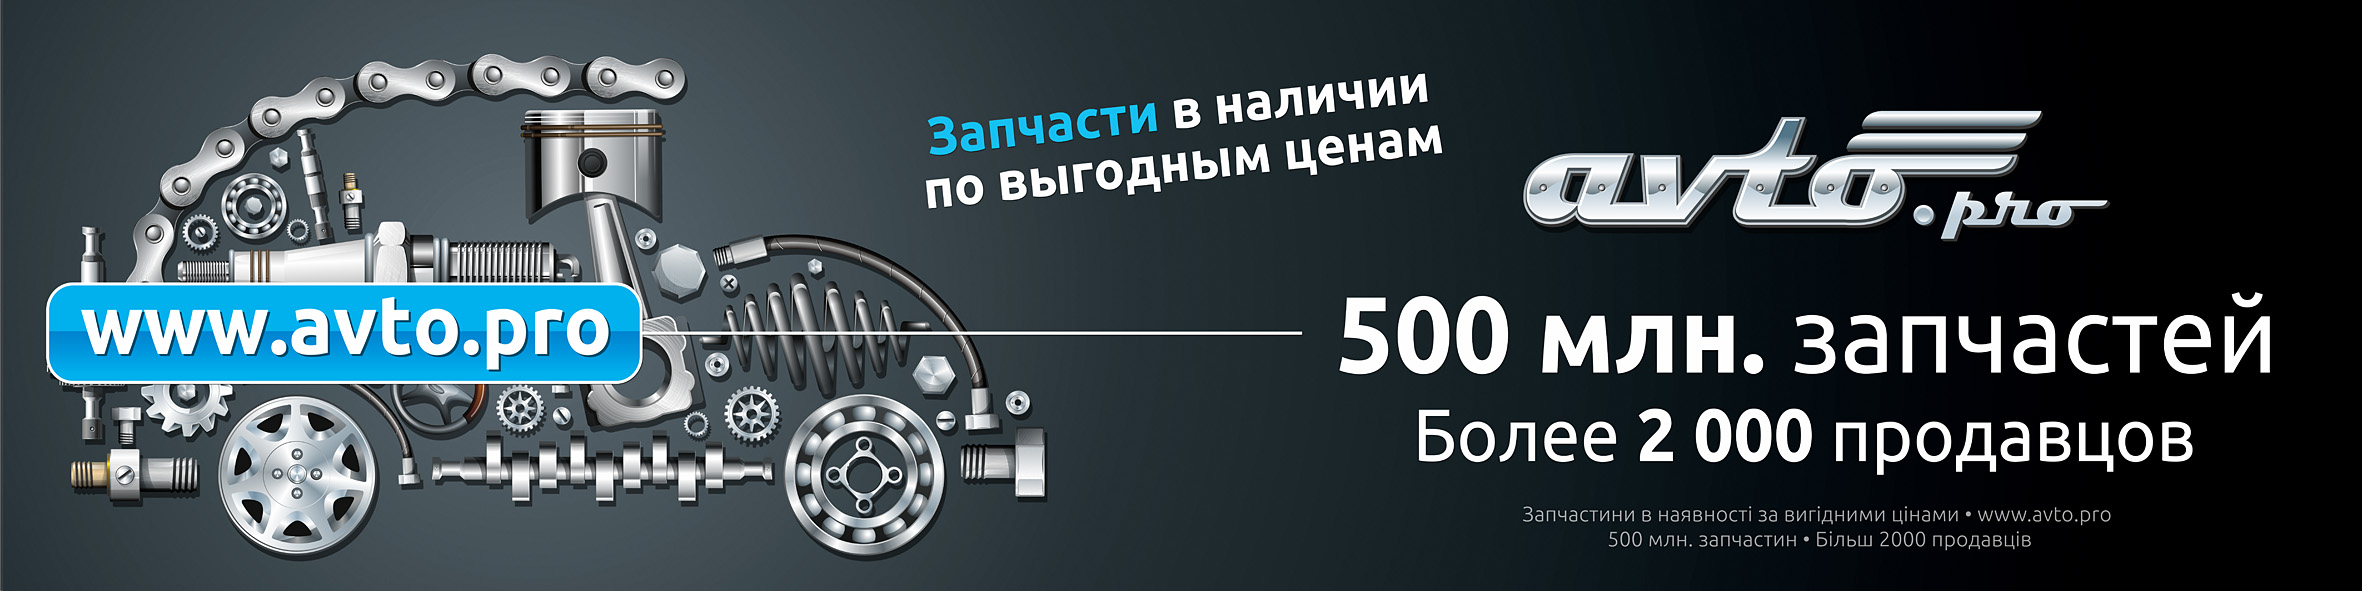 В Киеве состоится мероприятие для участников бизнеса по ремонту и обслуживанию автомобилей